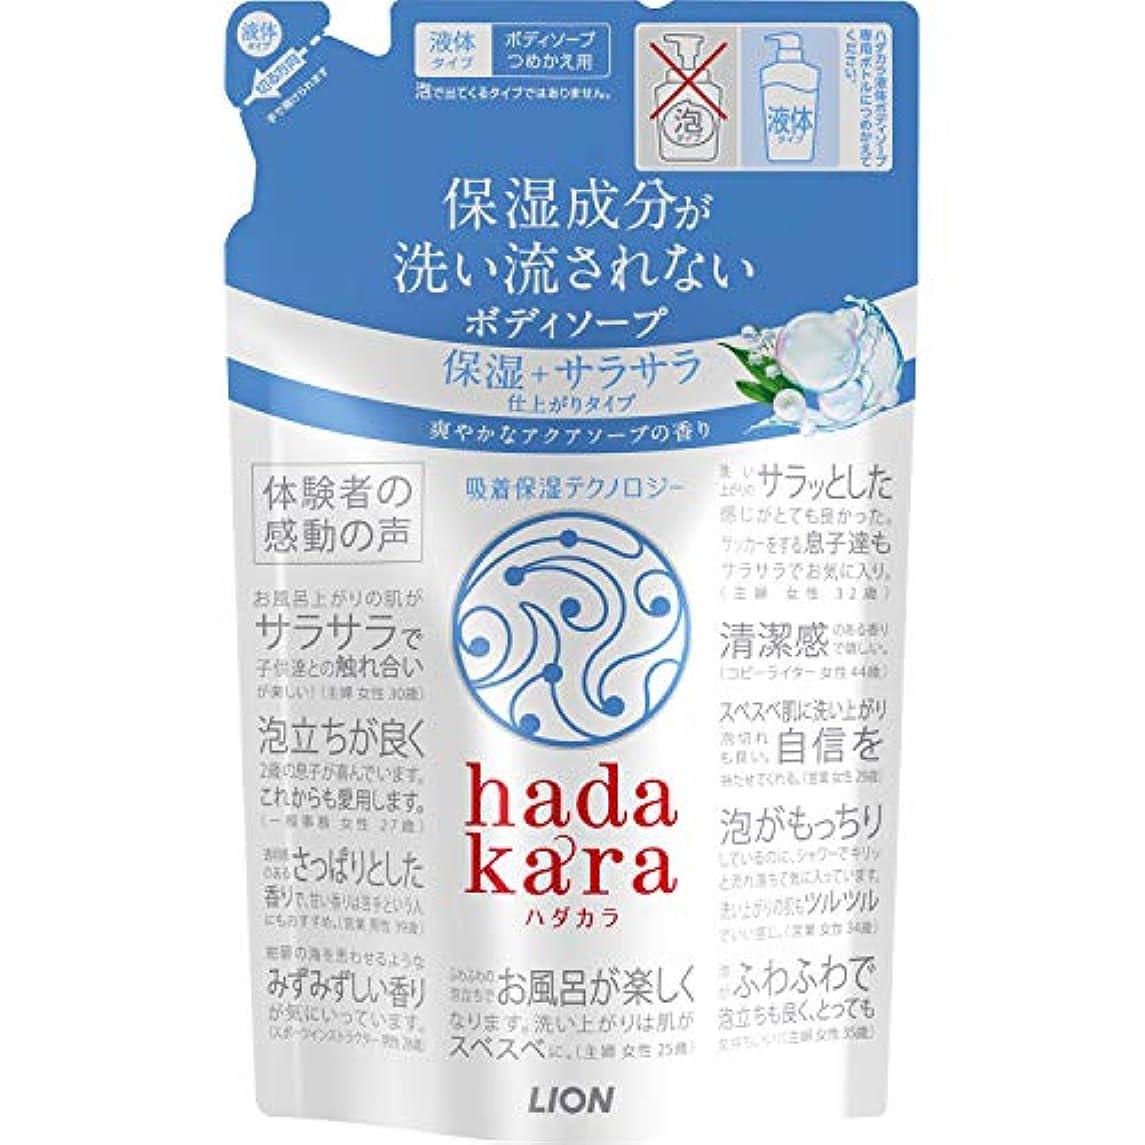 取得する灰短くするhadakara(ハダカラ) ボディソープ 保湿+サラサラ仕上がりタイプ アクアソープの香り 詰め替え 340ml